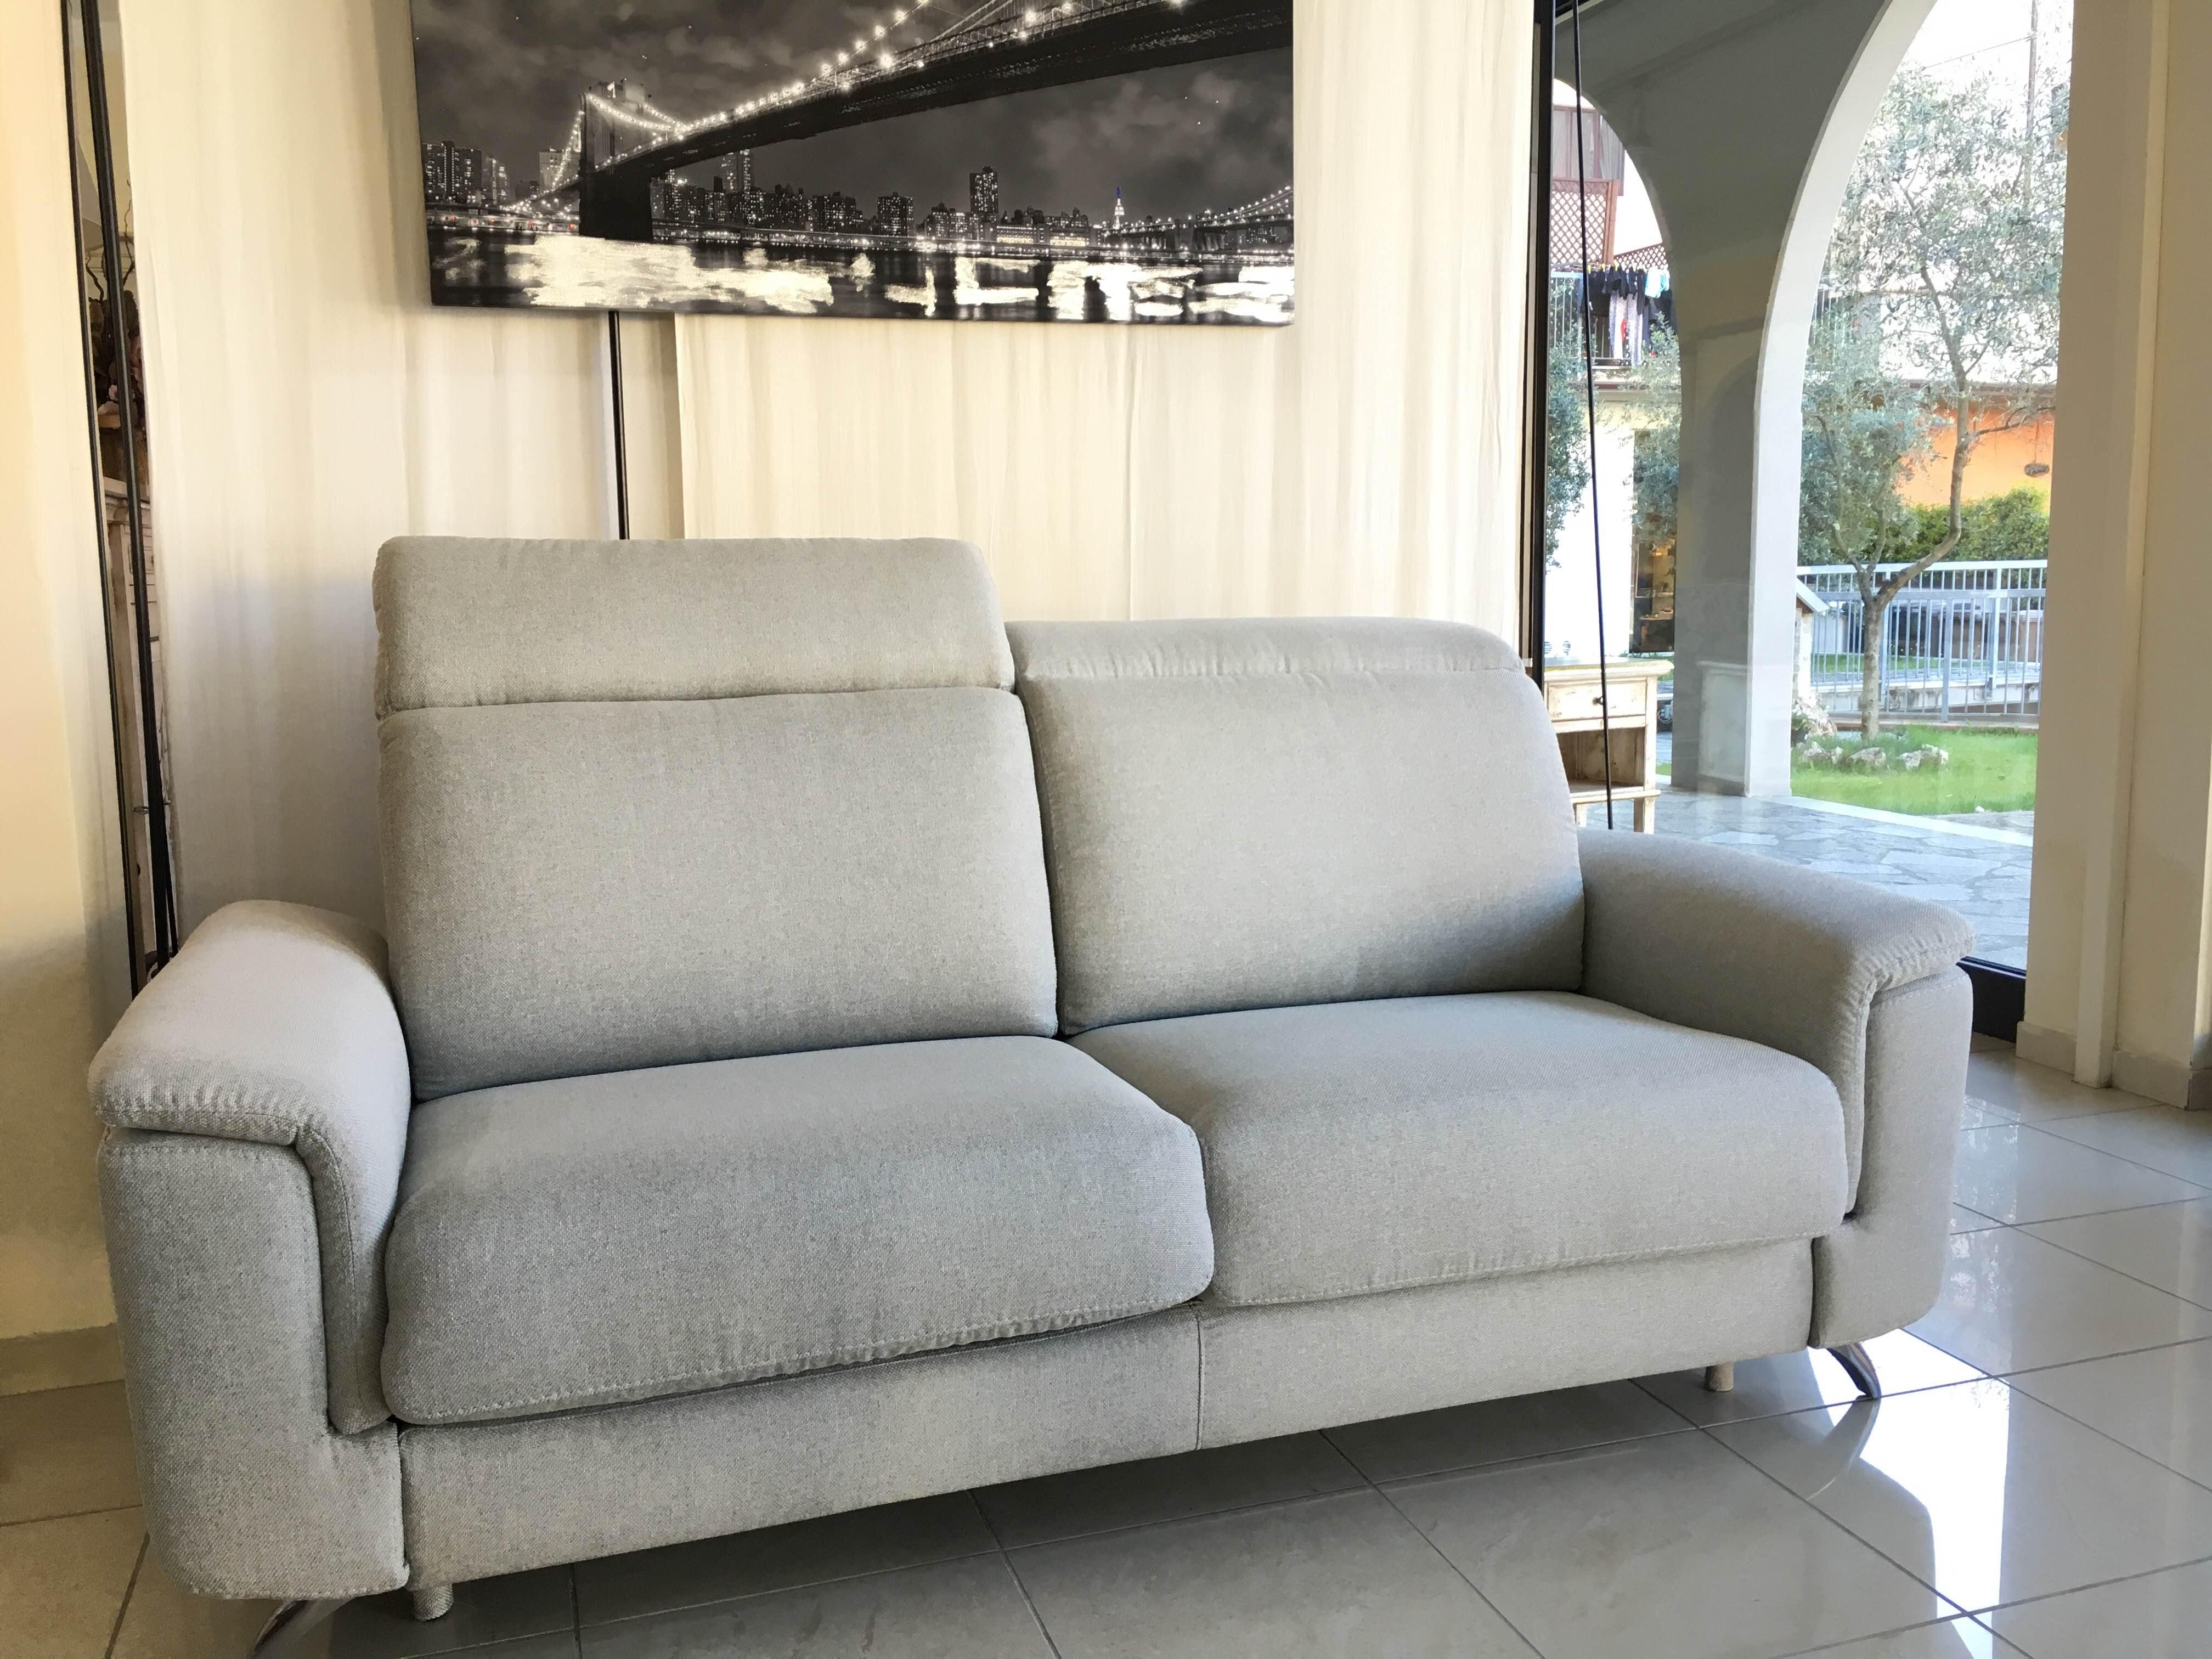 Scontiamo i divani di mostra del 40% - Arredamenti Lorenzelli